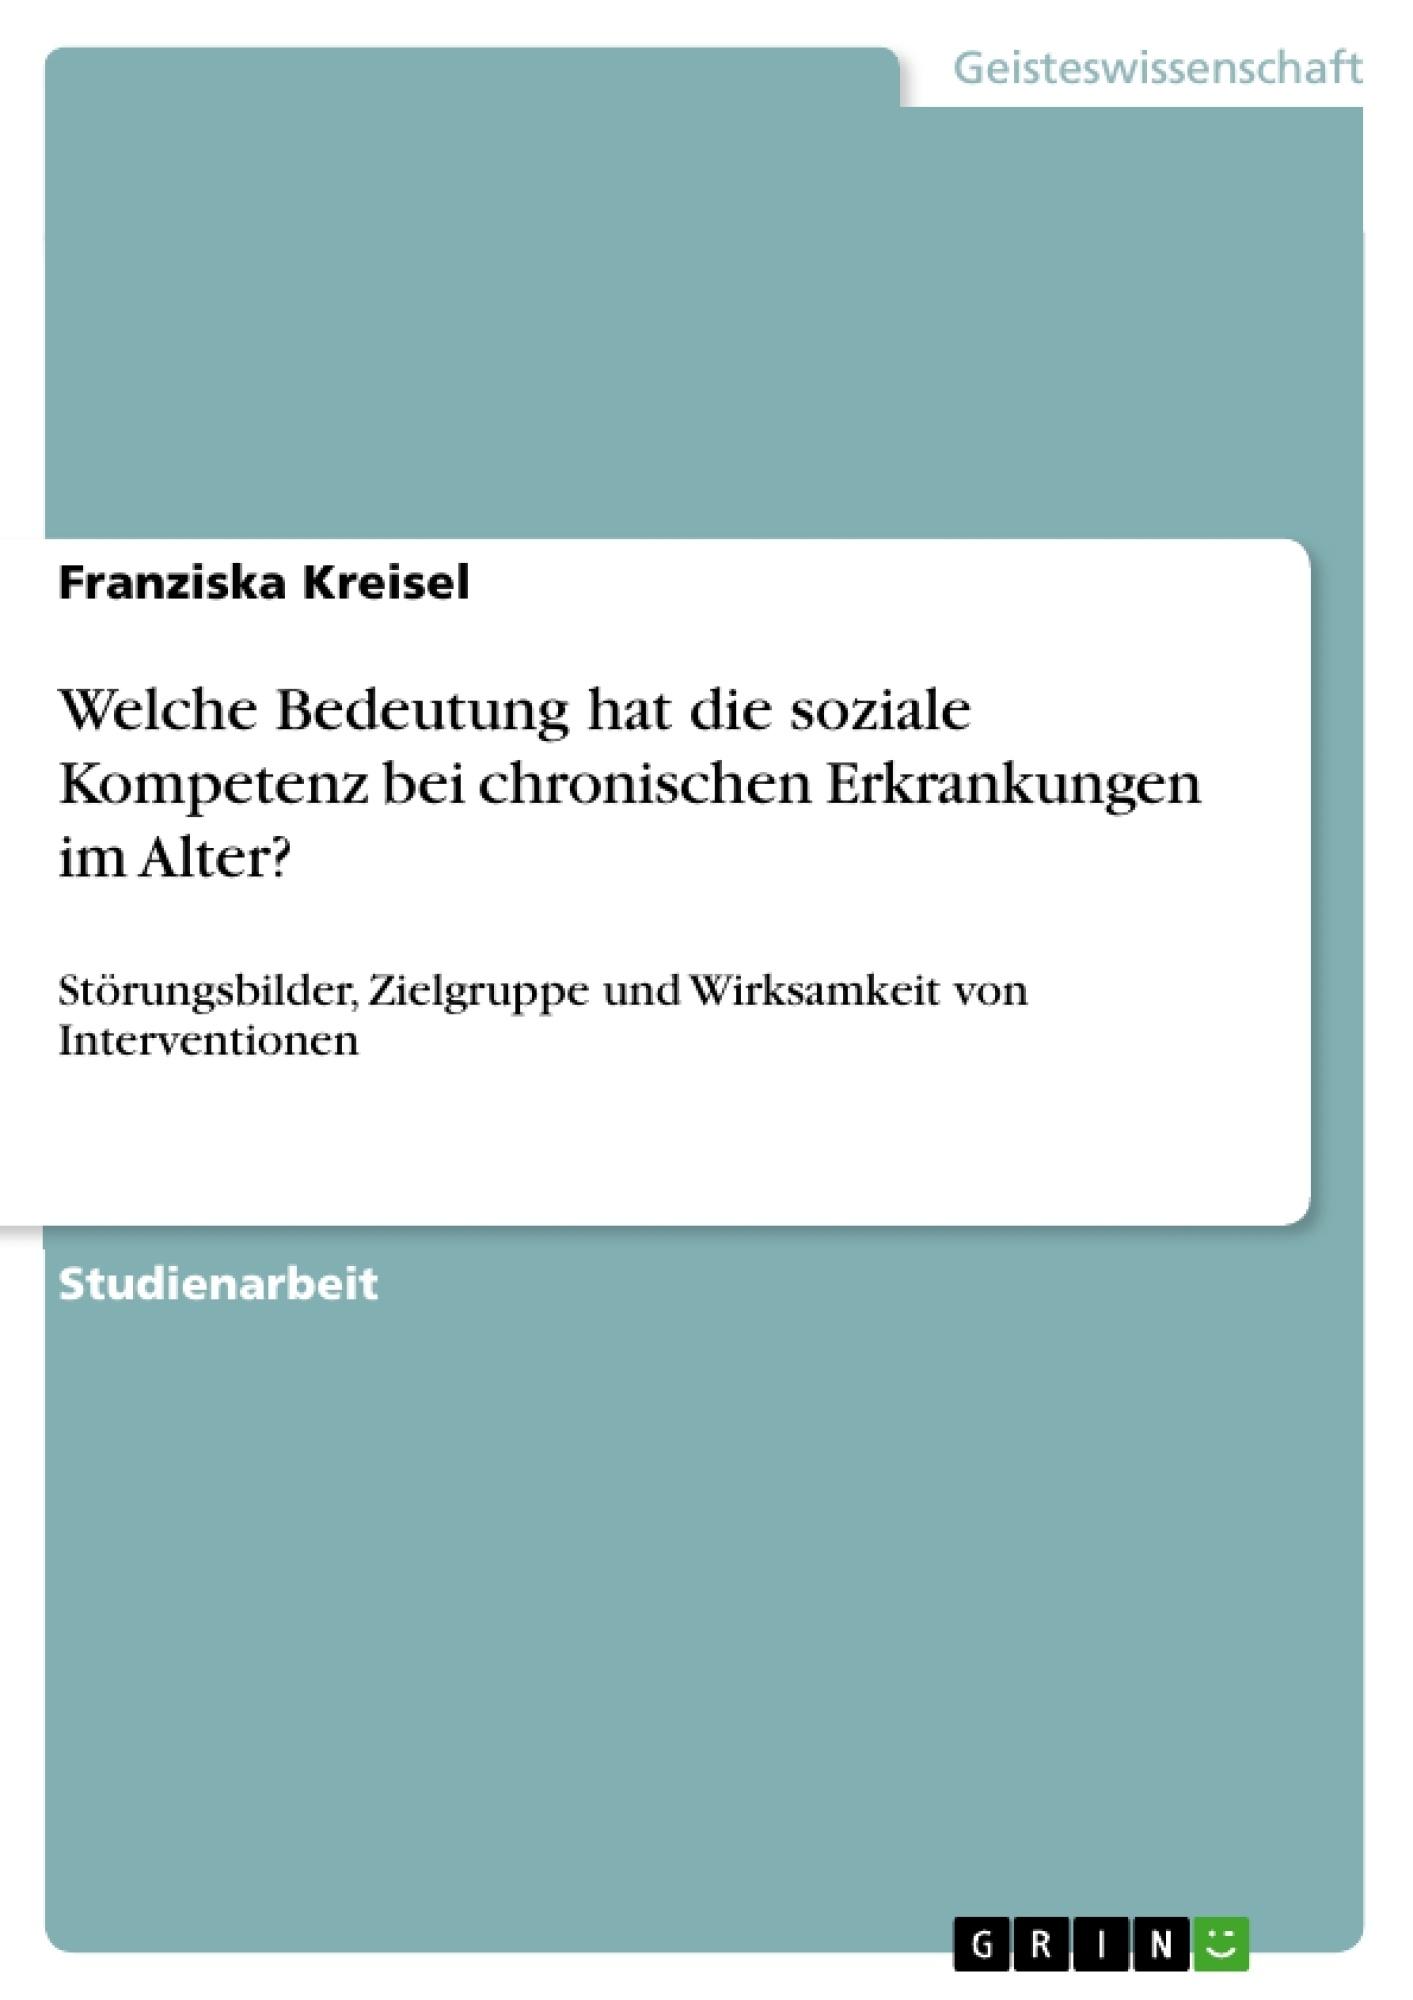 Titel: Welche Bedeutung hat die soziale Kompetenz bei chronischen Erkrankungen im Alter?